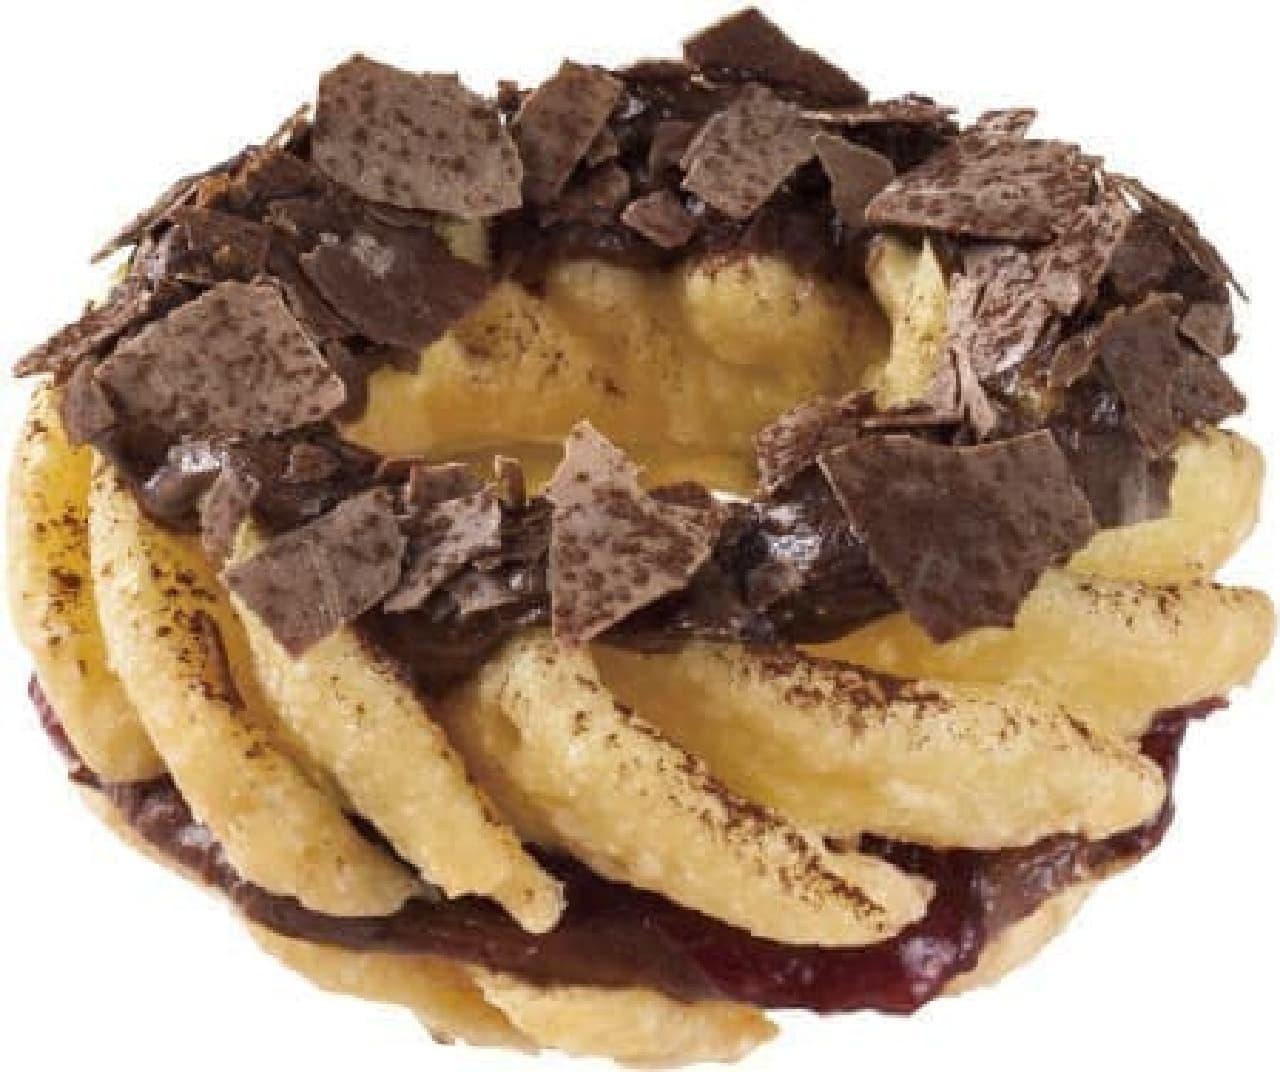 ドイツのケーキをイメージした「ショコラーデ フロッケンザーネ」